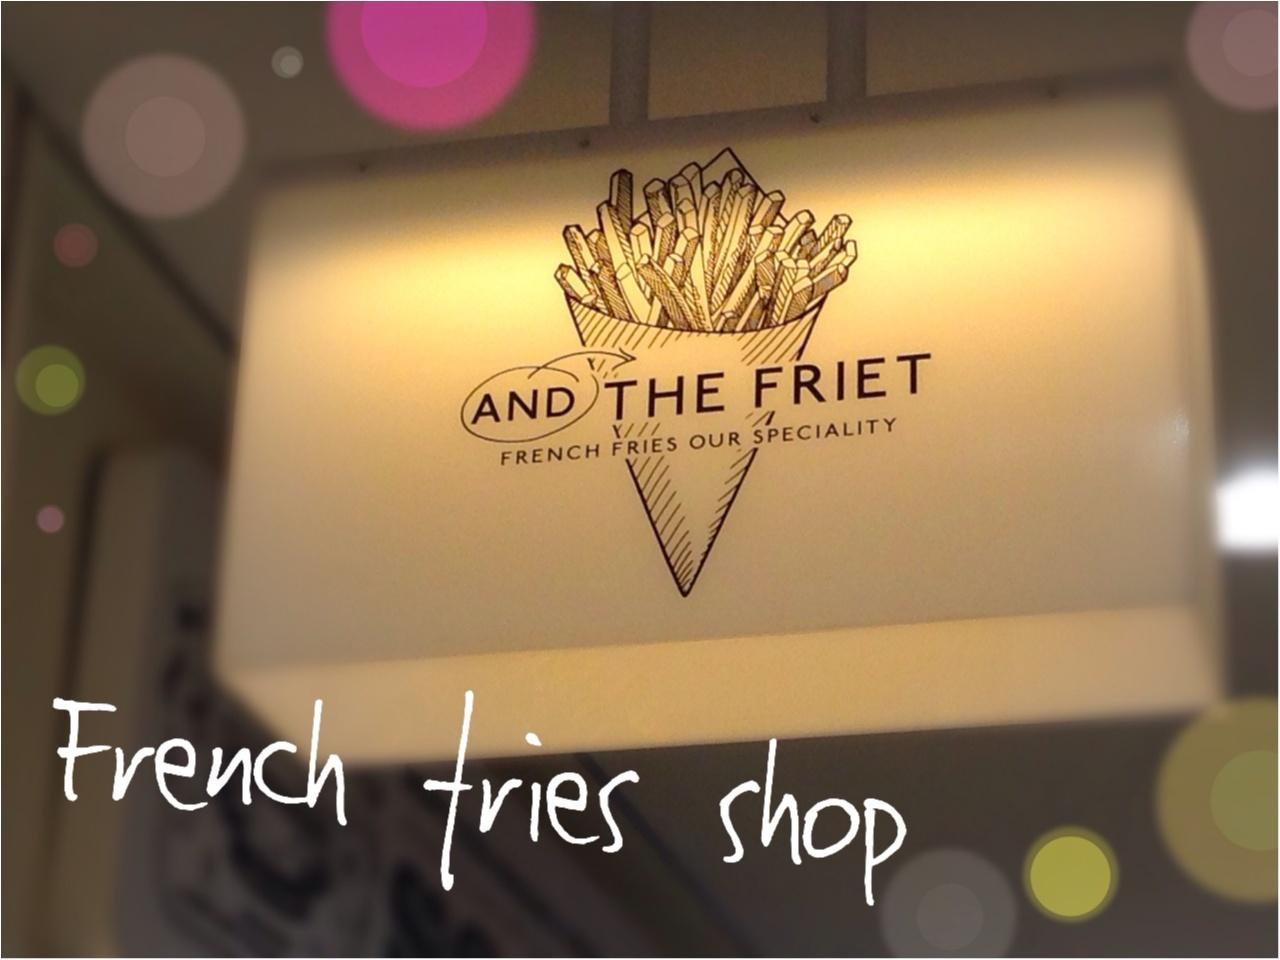 無性に食べたくなるフライドポテト(ノ∀`笑))そんな時は新感覚でリッチなフレンチフライ専門店AND THE FRIETへGO≡3_1